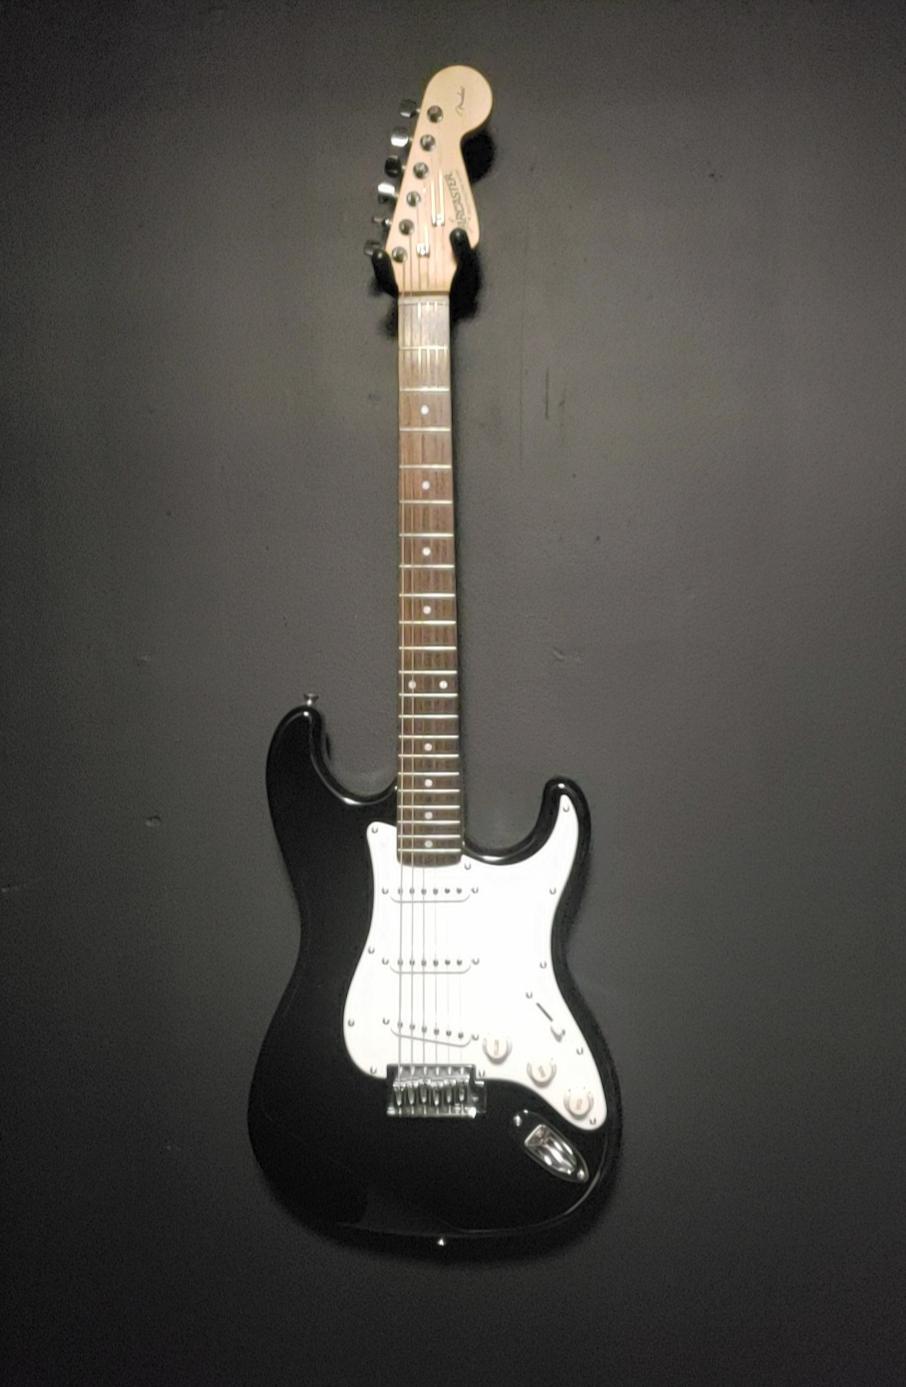 Fender Starcaster Strat